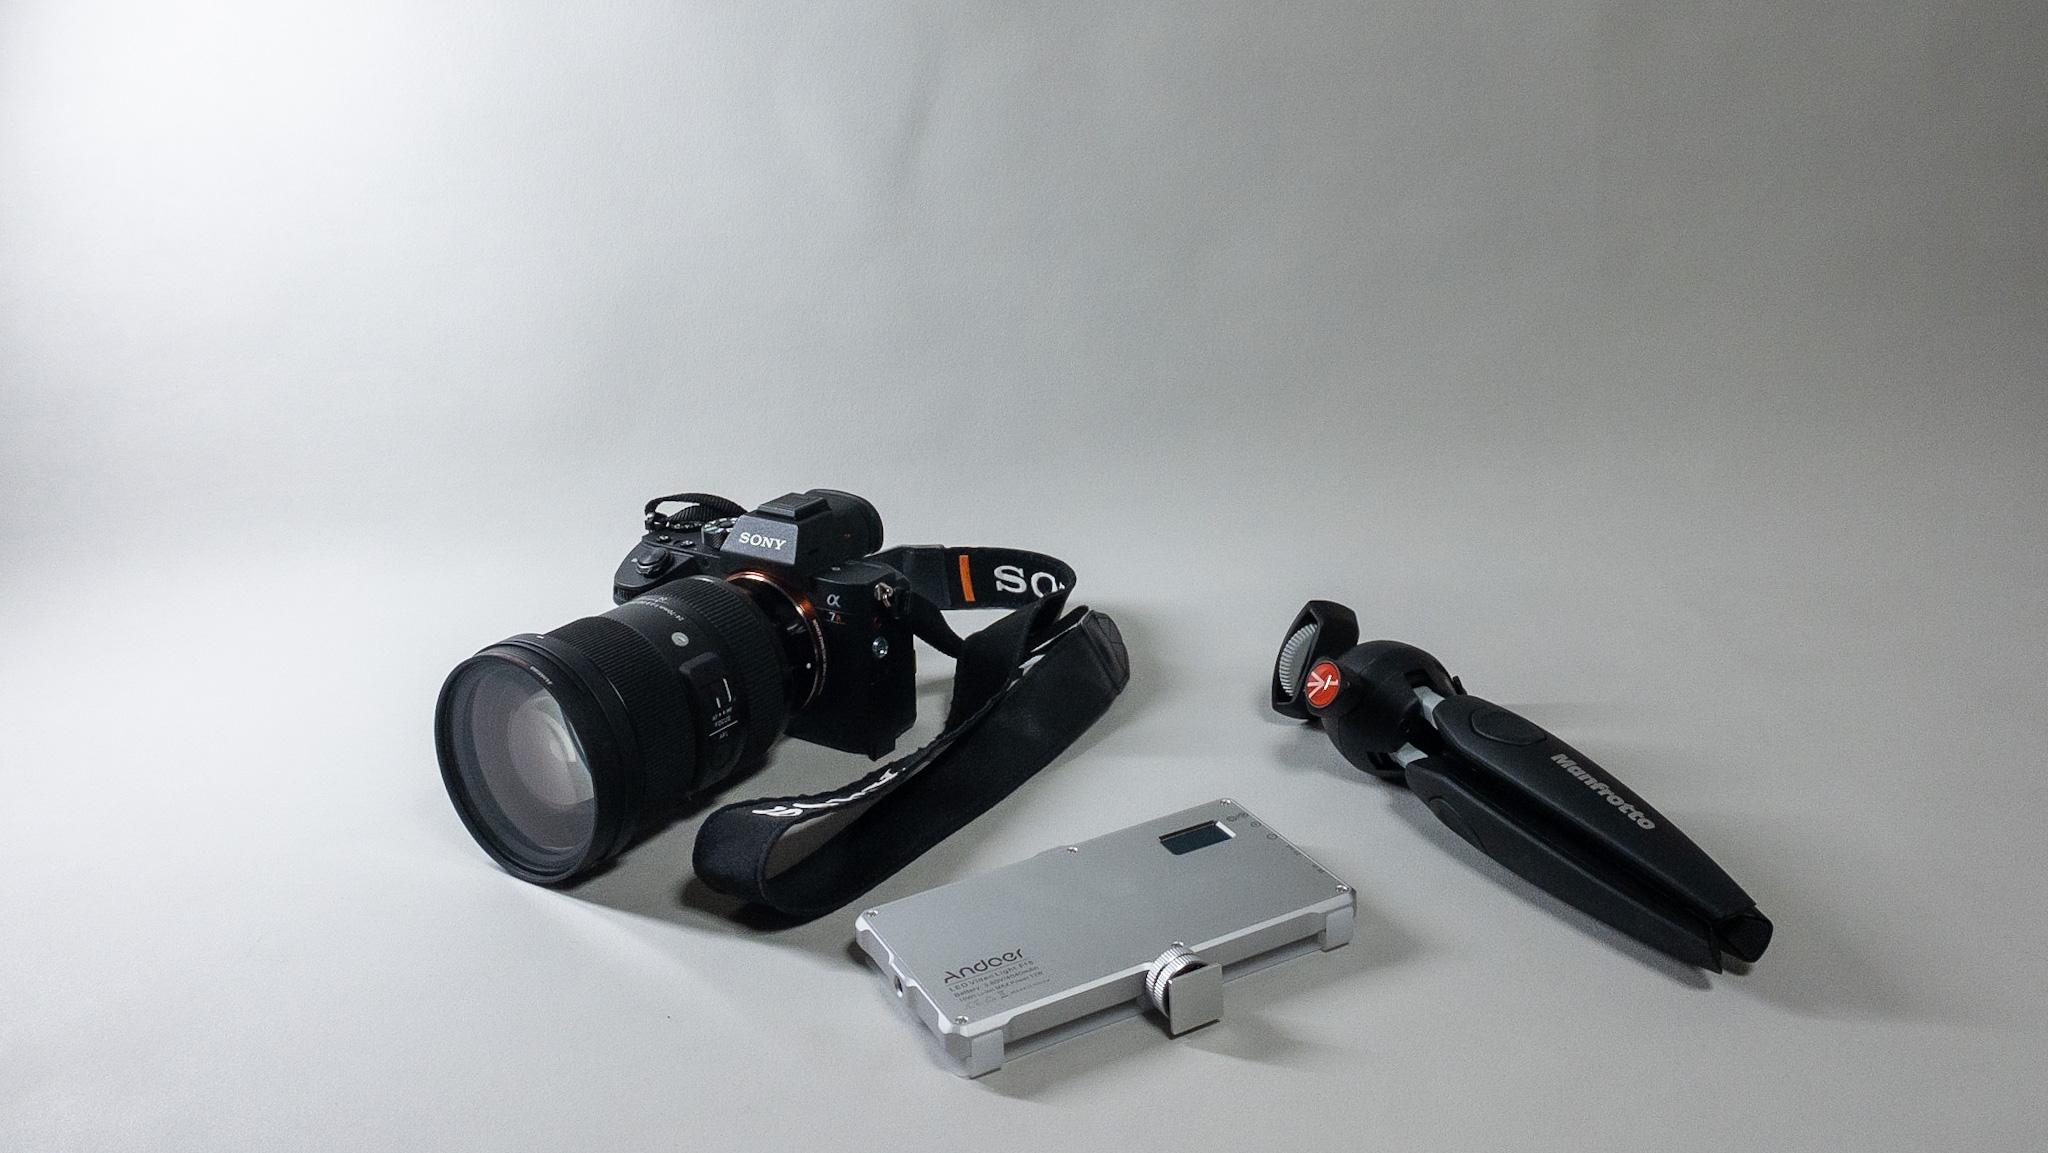 MoNomad運営者のカメラ機材|アルカンターラの背景布